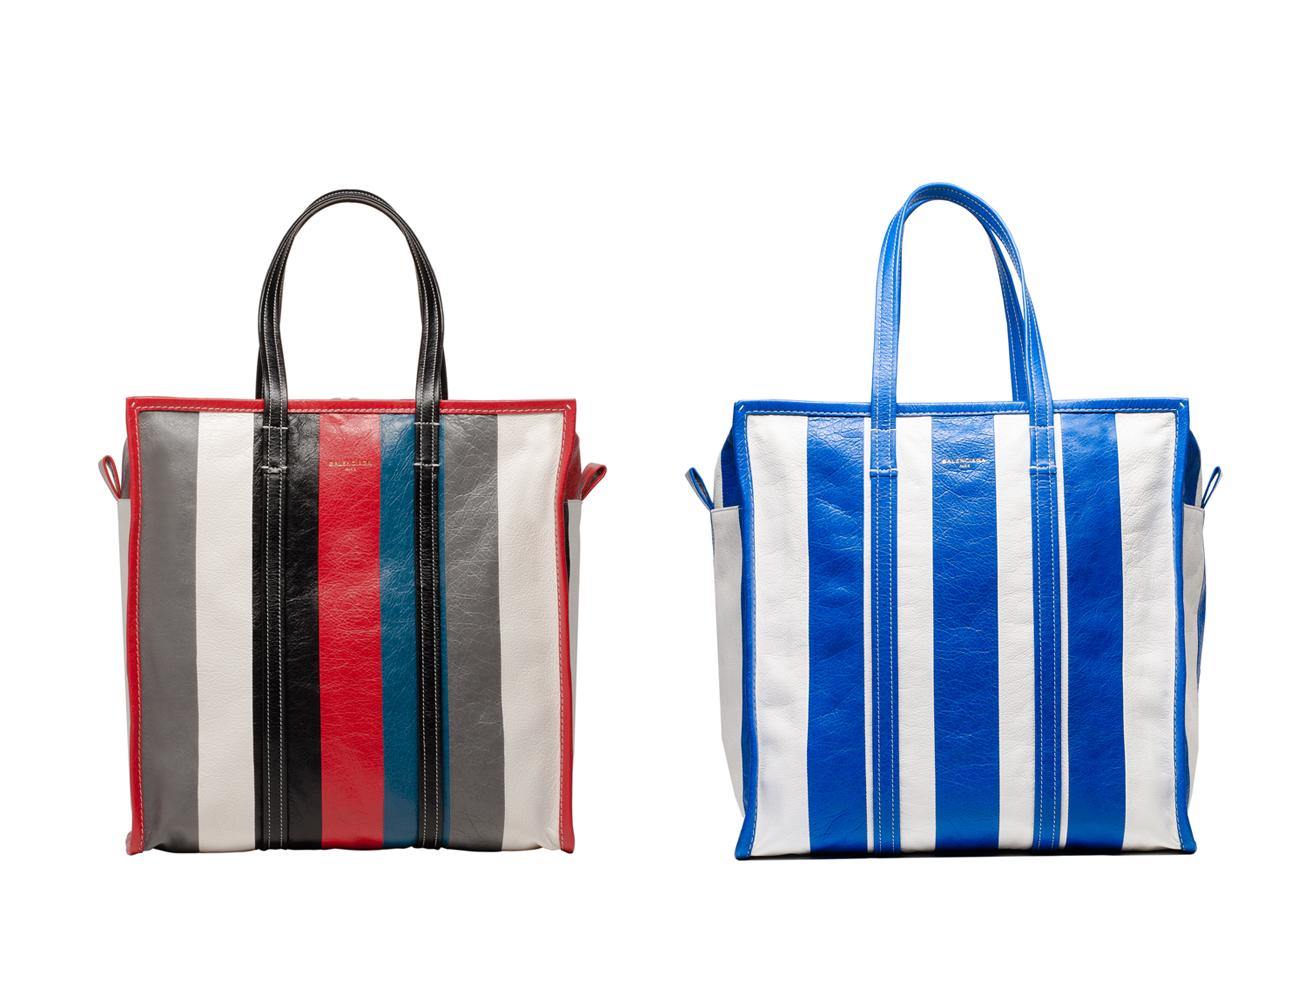 (左から) 「BAZAR」バッグ 2017年ホリデー新作、リゾート新作